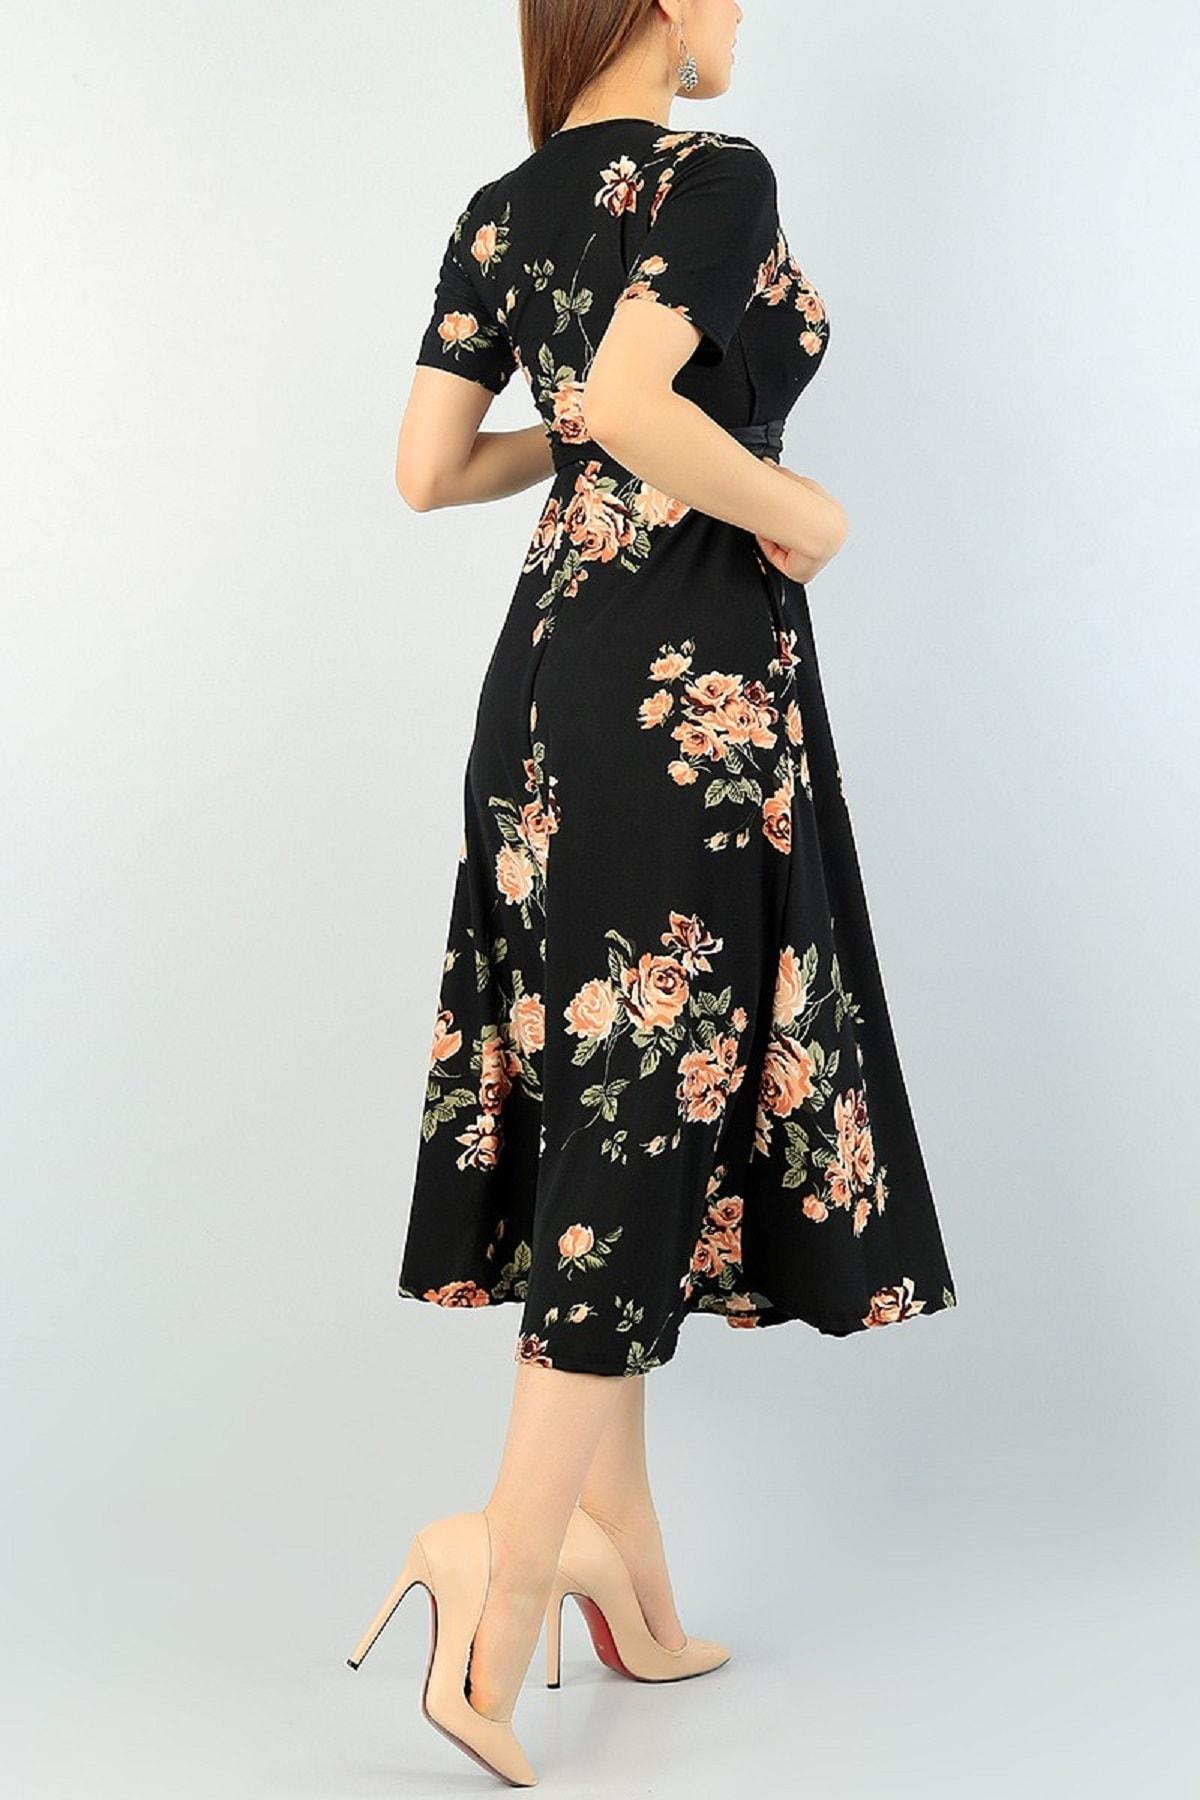 Butik Şımarık Kadın Büyük Beden Çiçek Baskılı Kruvaze Yaka Krep Kumaş Elbise Boy 120cm Kemer Dahil 2